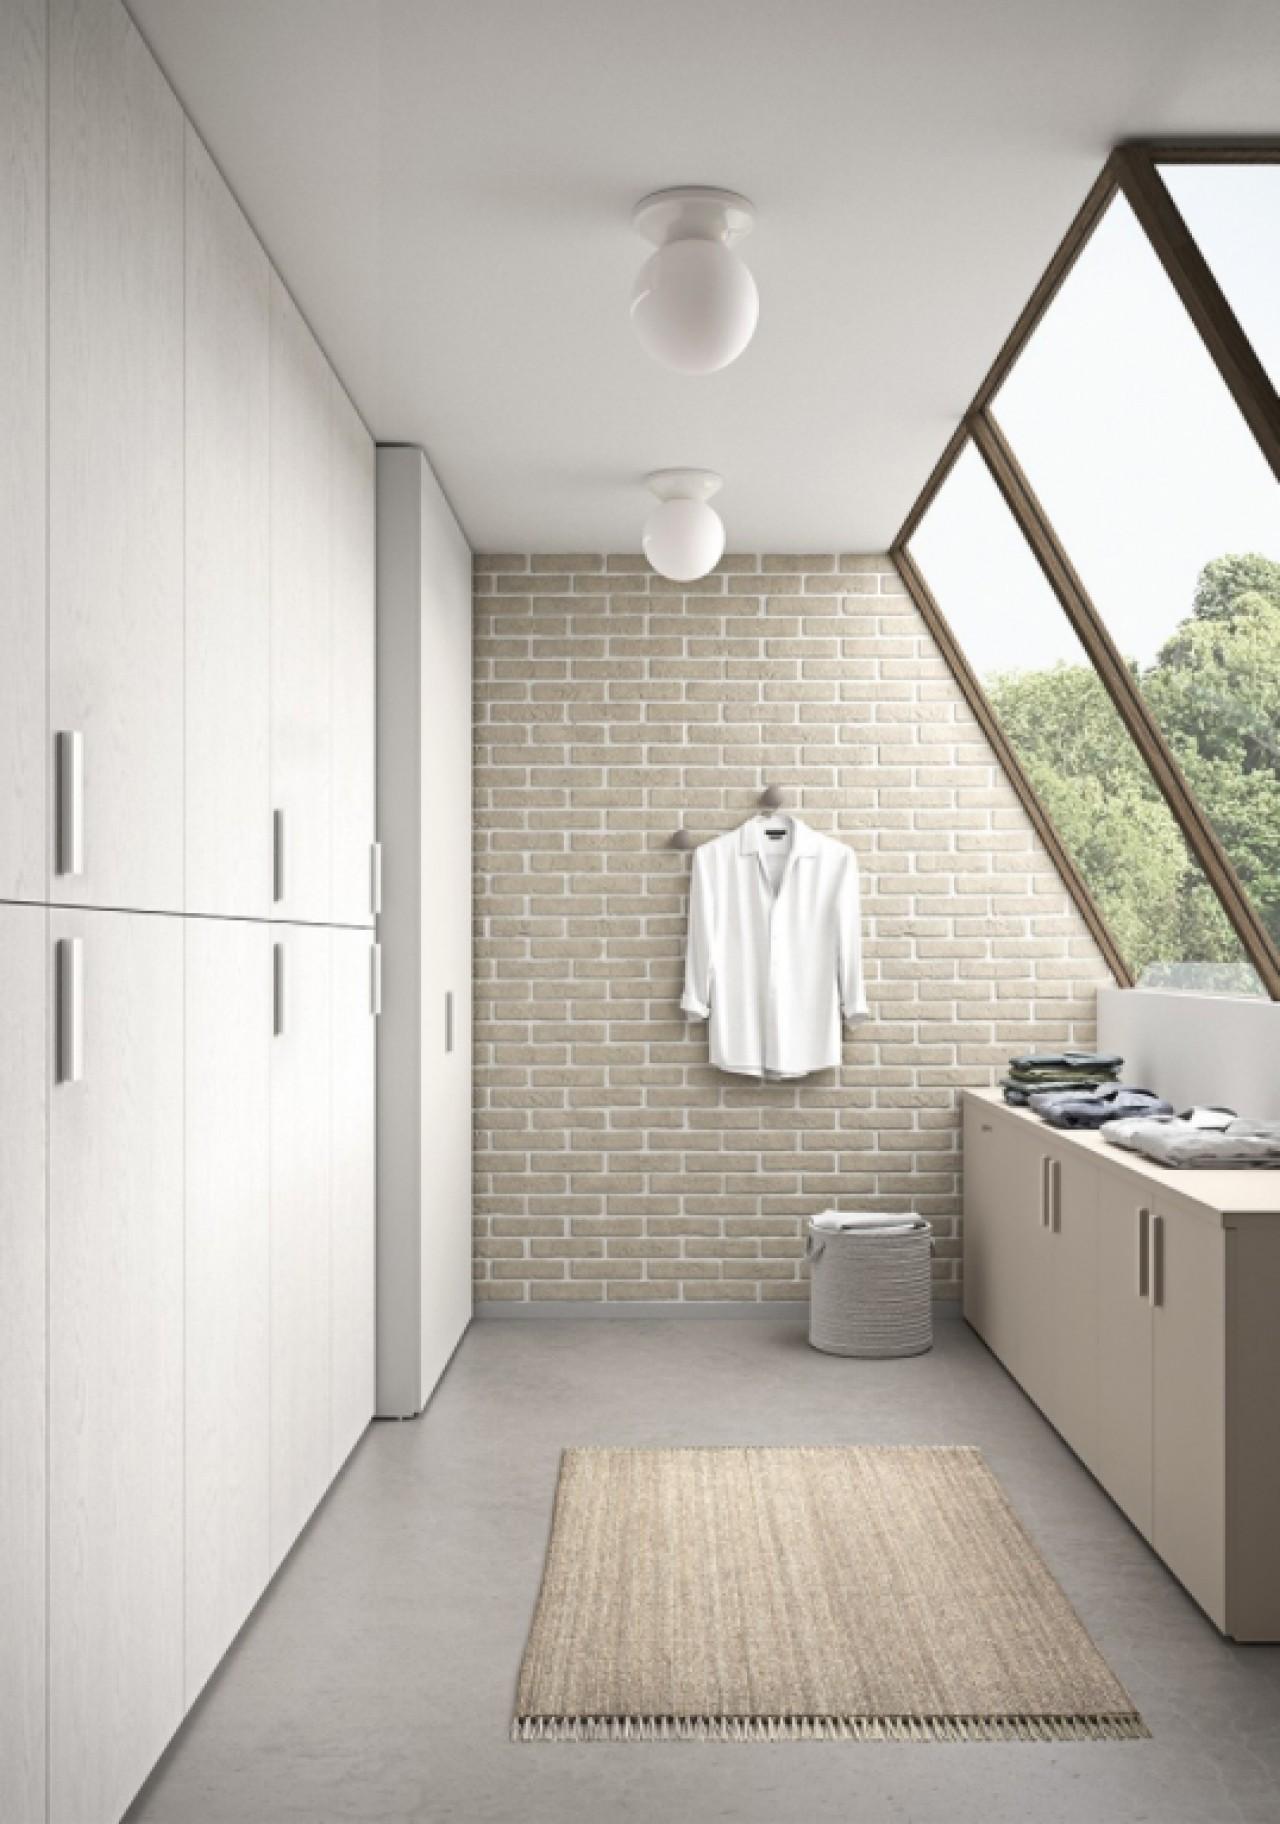 C3 lv02 mobile lavanderia arredo bagno cinquanta3 for Arredamenti traiano torino